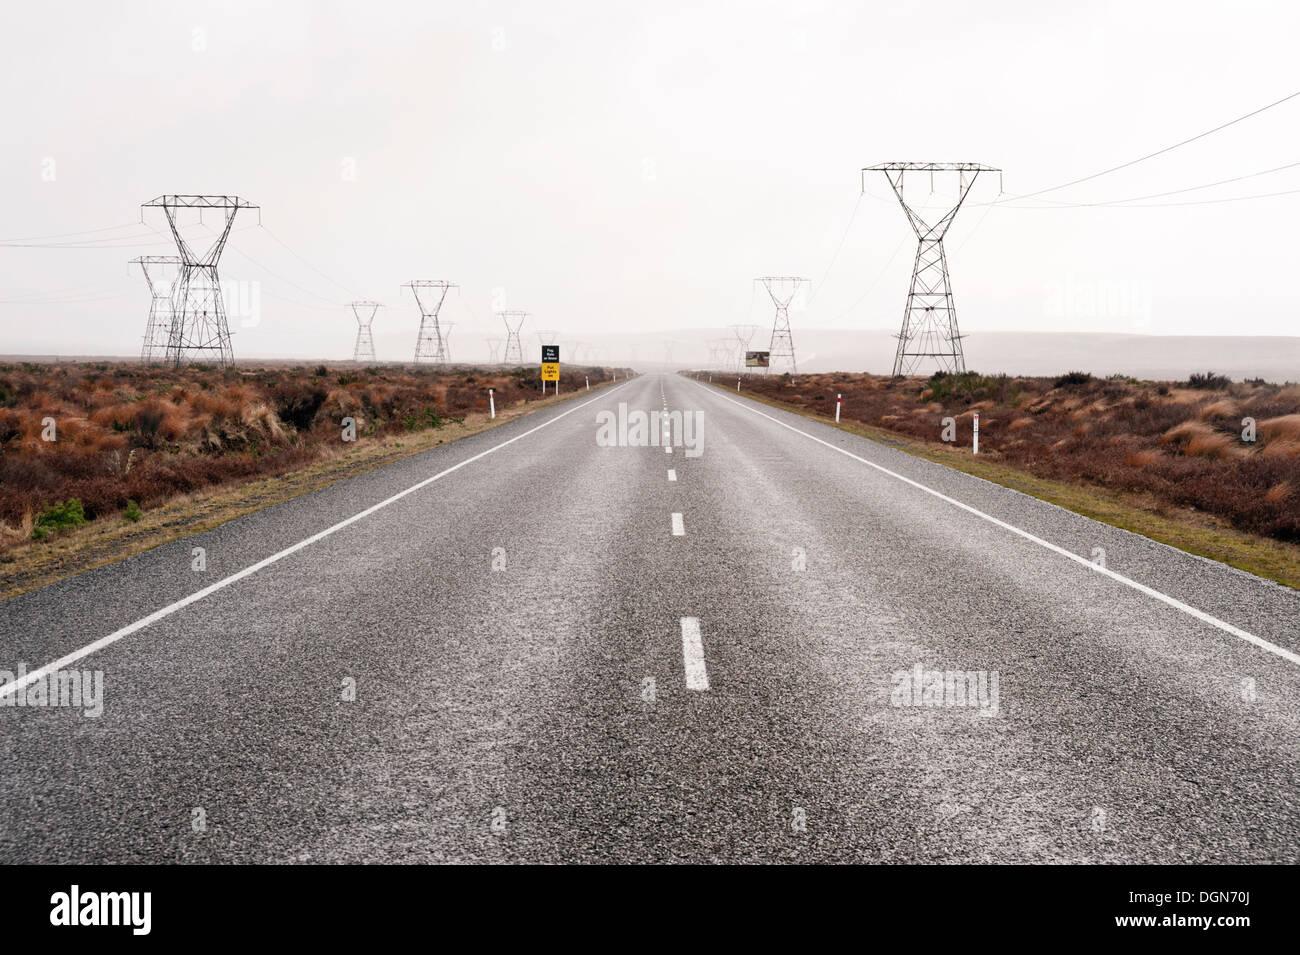 Linee elettriche lungo l'autostrada 1 strade del deserto, nella regione vulcanica vicino al Lago Taupo, Isola del nord, Nuova Zelanda Immagini Stock